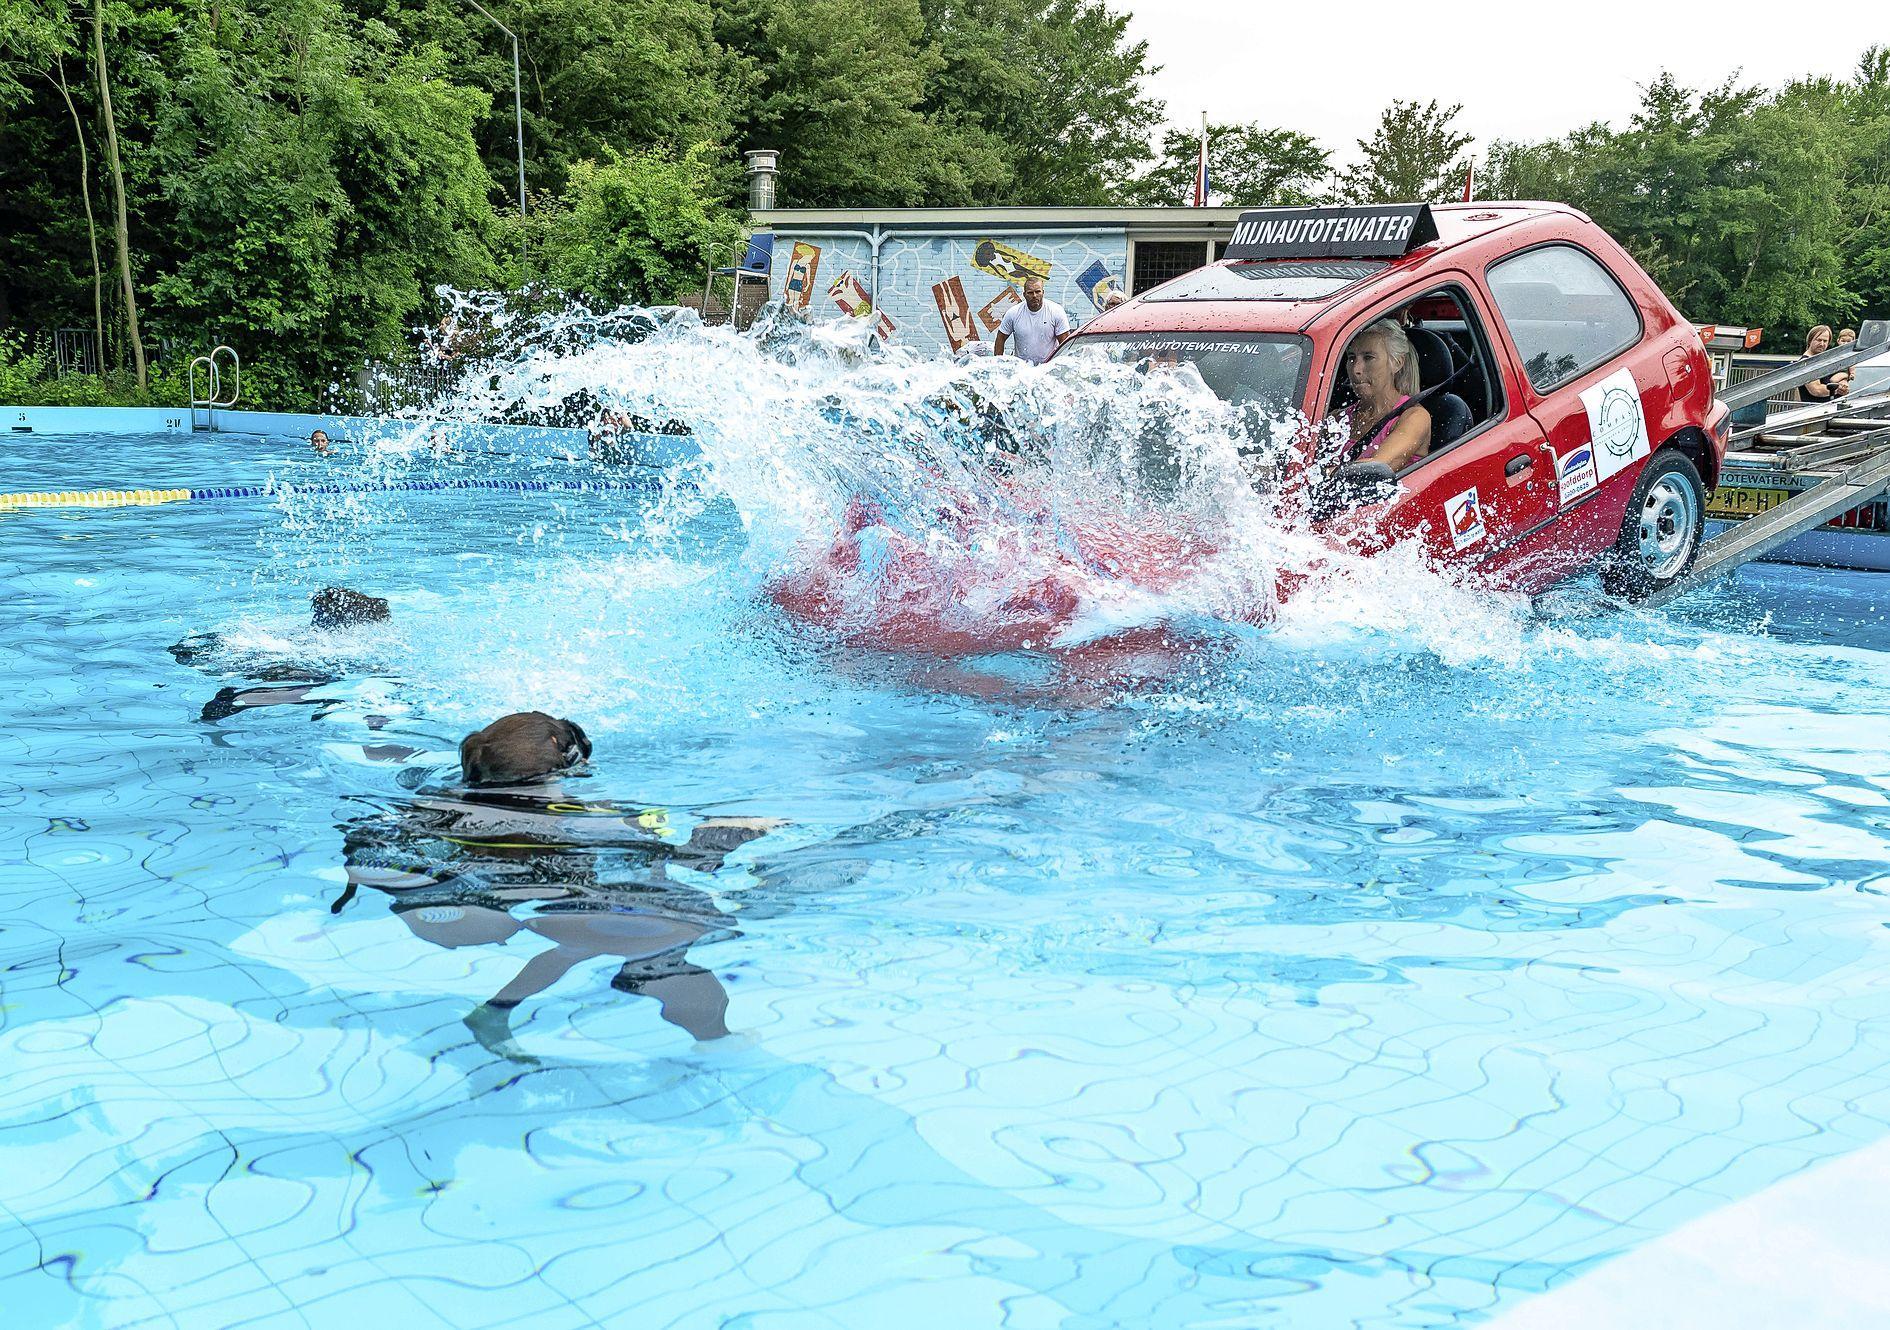 Met de auto te water in zwembad: 'Geen paniek, blijf rustig, gewoon ademen en precies doen wat je nu leert'